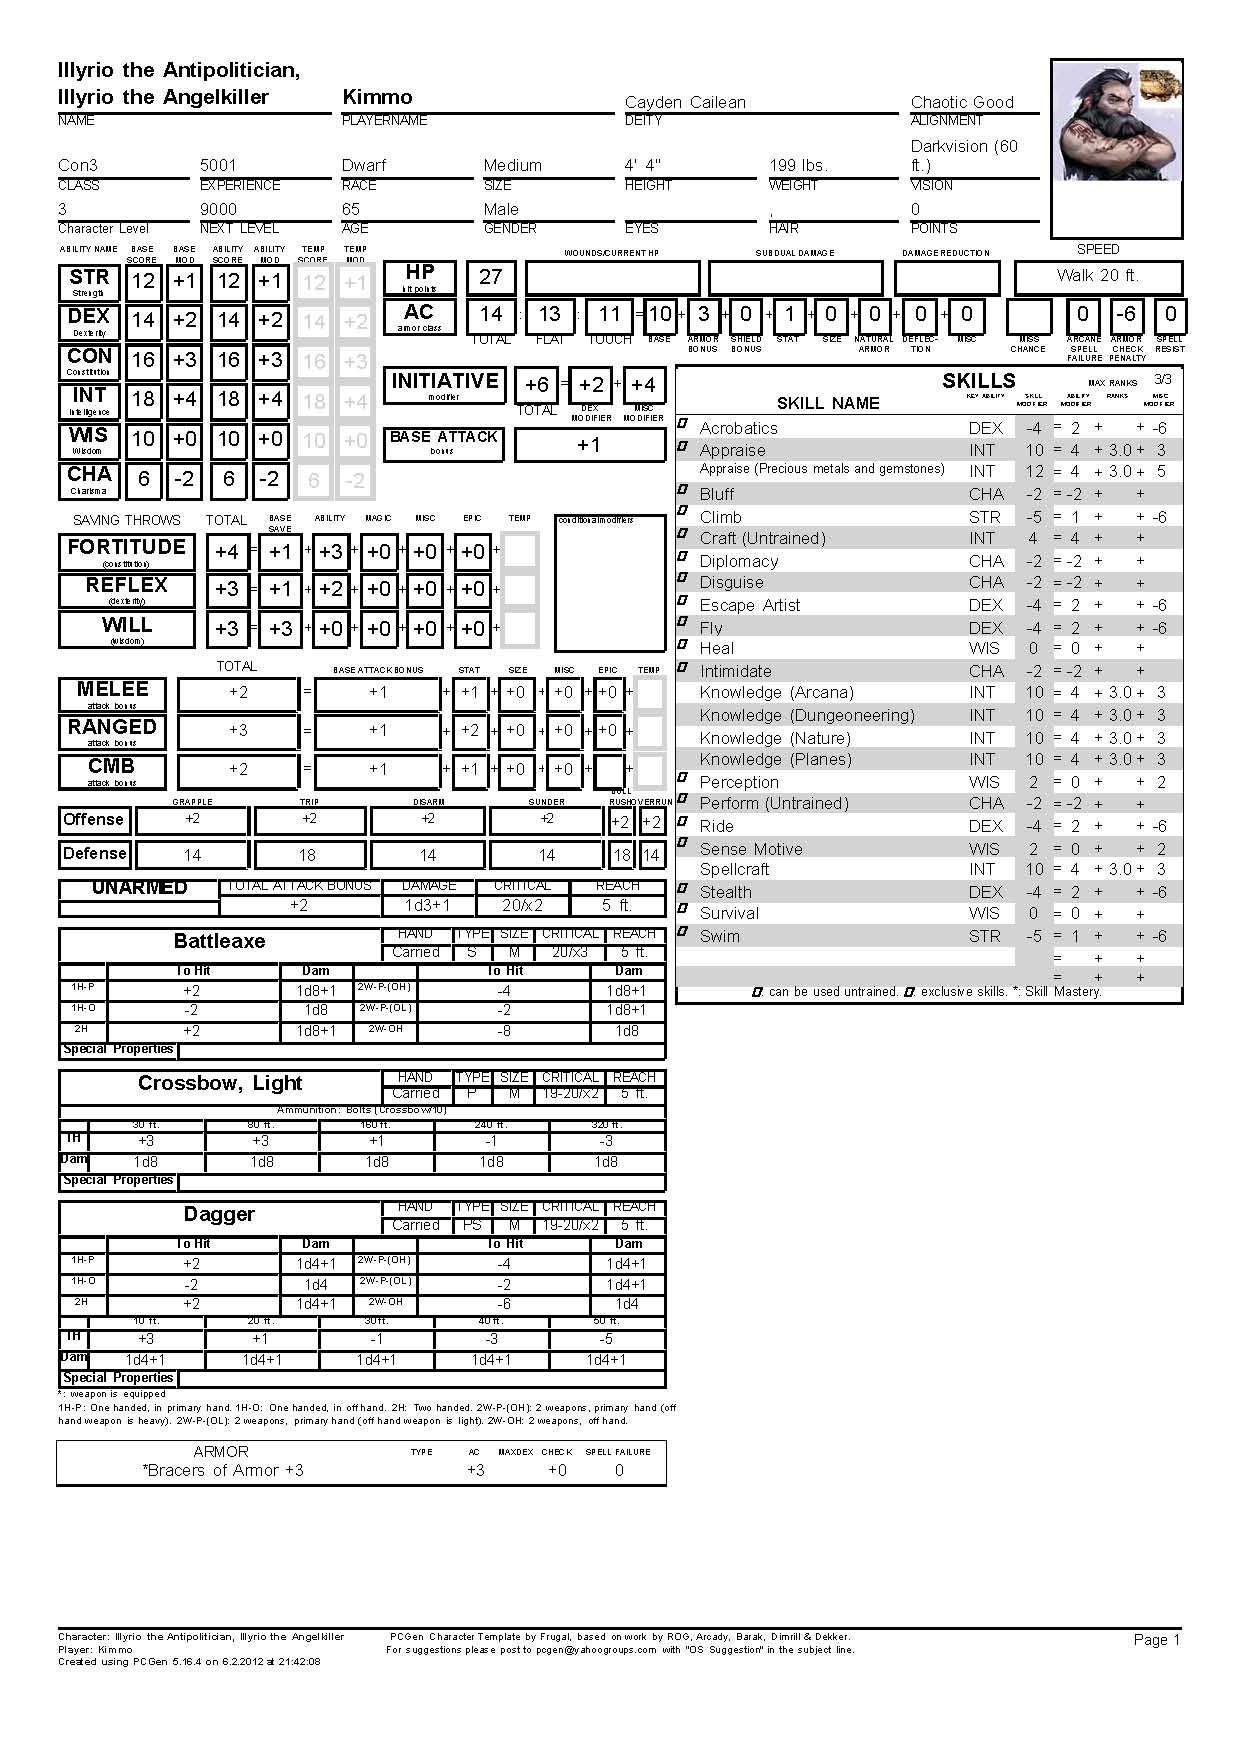 Epicillu 12 02 06 page 1